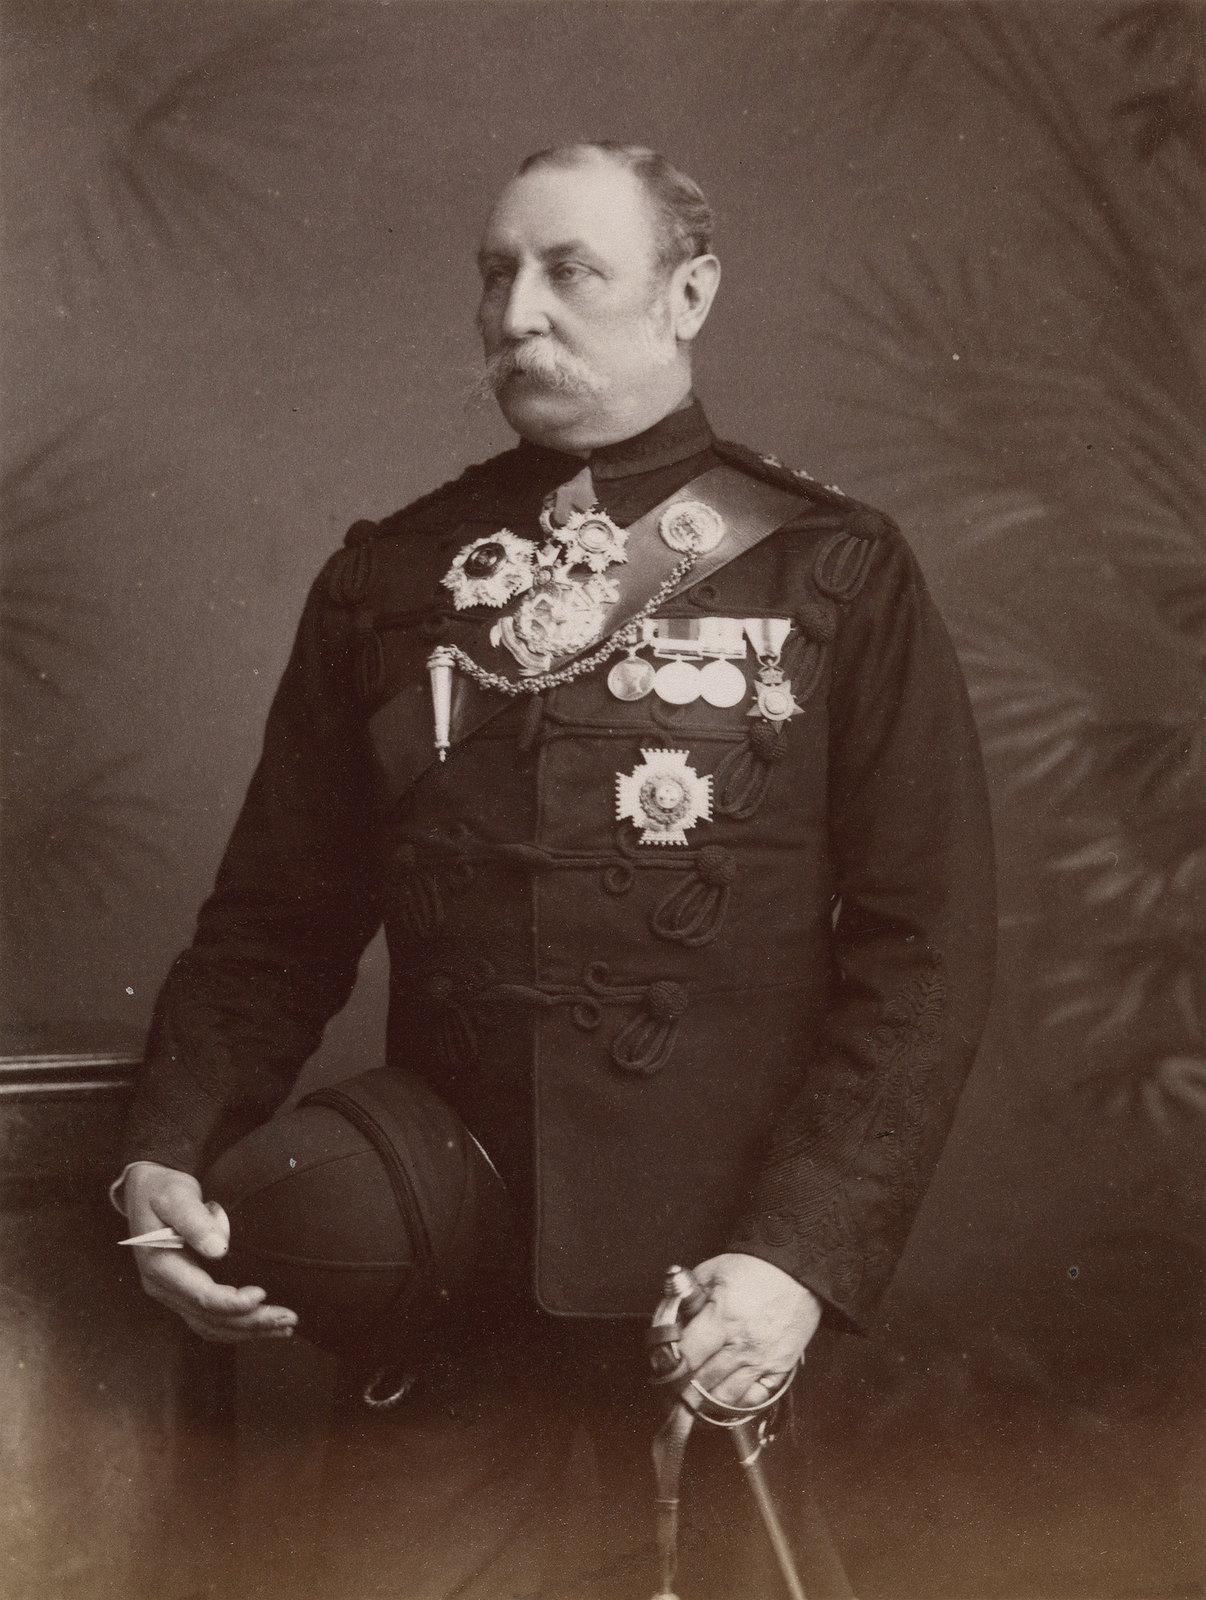 10. Генерал-лейтенант сэр Ориэль Вивиш Таннер командовал индийской бригадой во время англо-египетской войны.